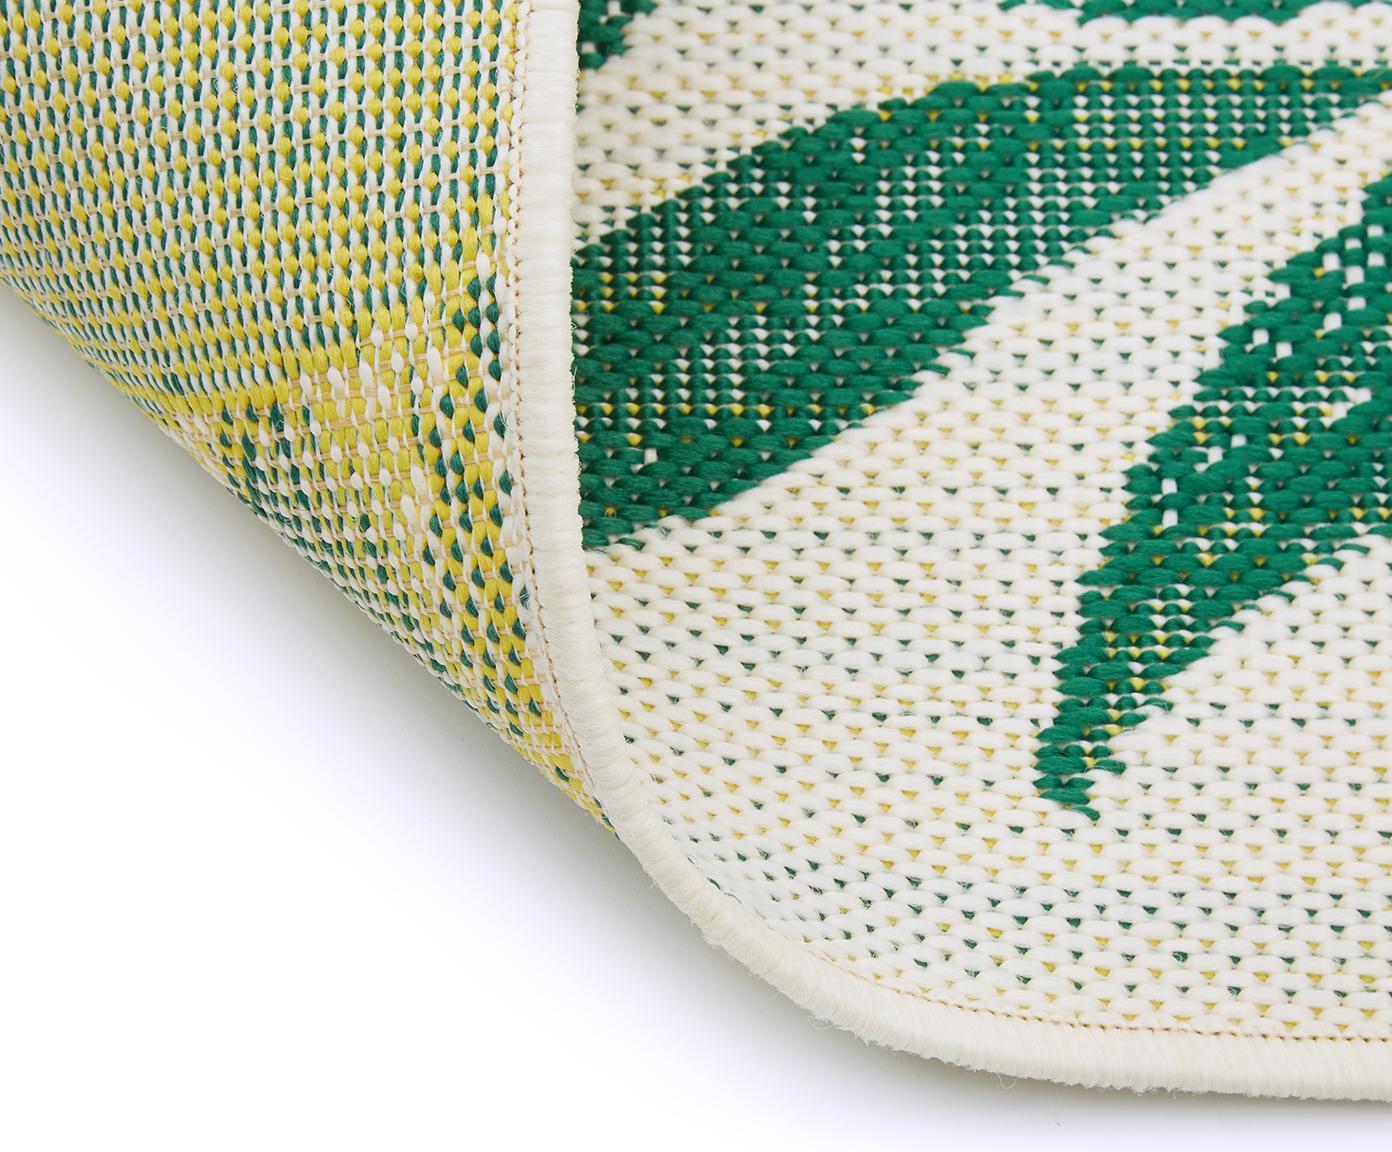 Tappeto da interno-esterno Limonia, Retro: poliestere, Bianco crema, giallo, verde, Larg. 200 x Lung. 290 cm (taglia L)